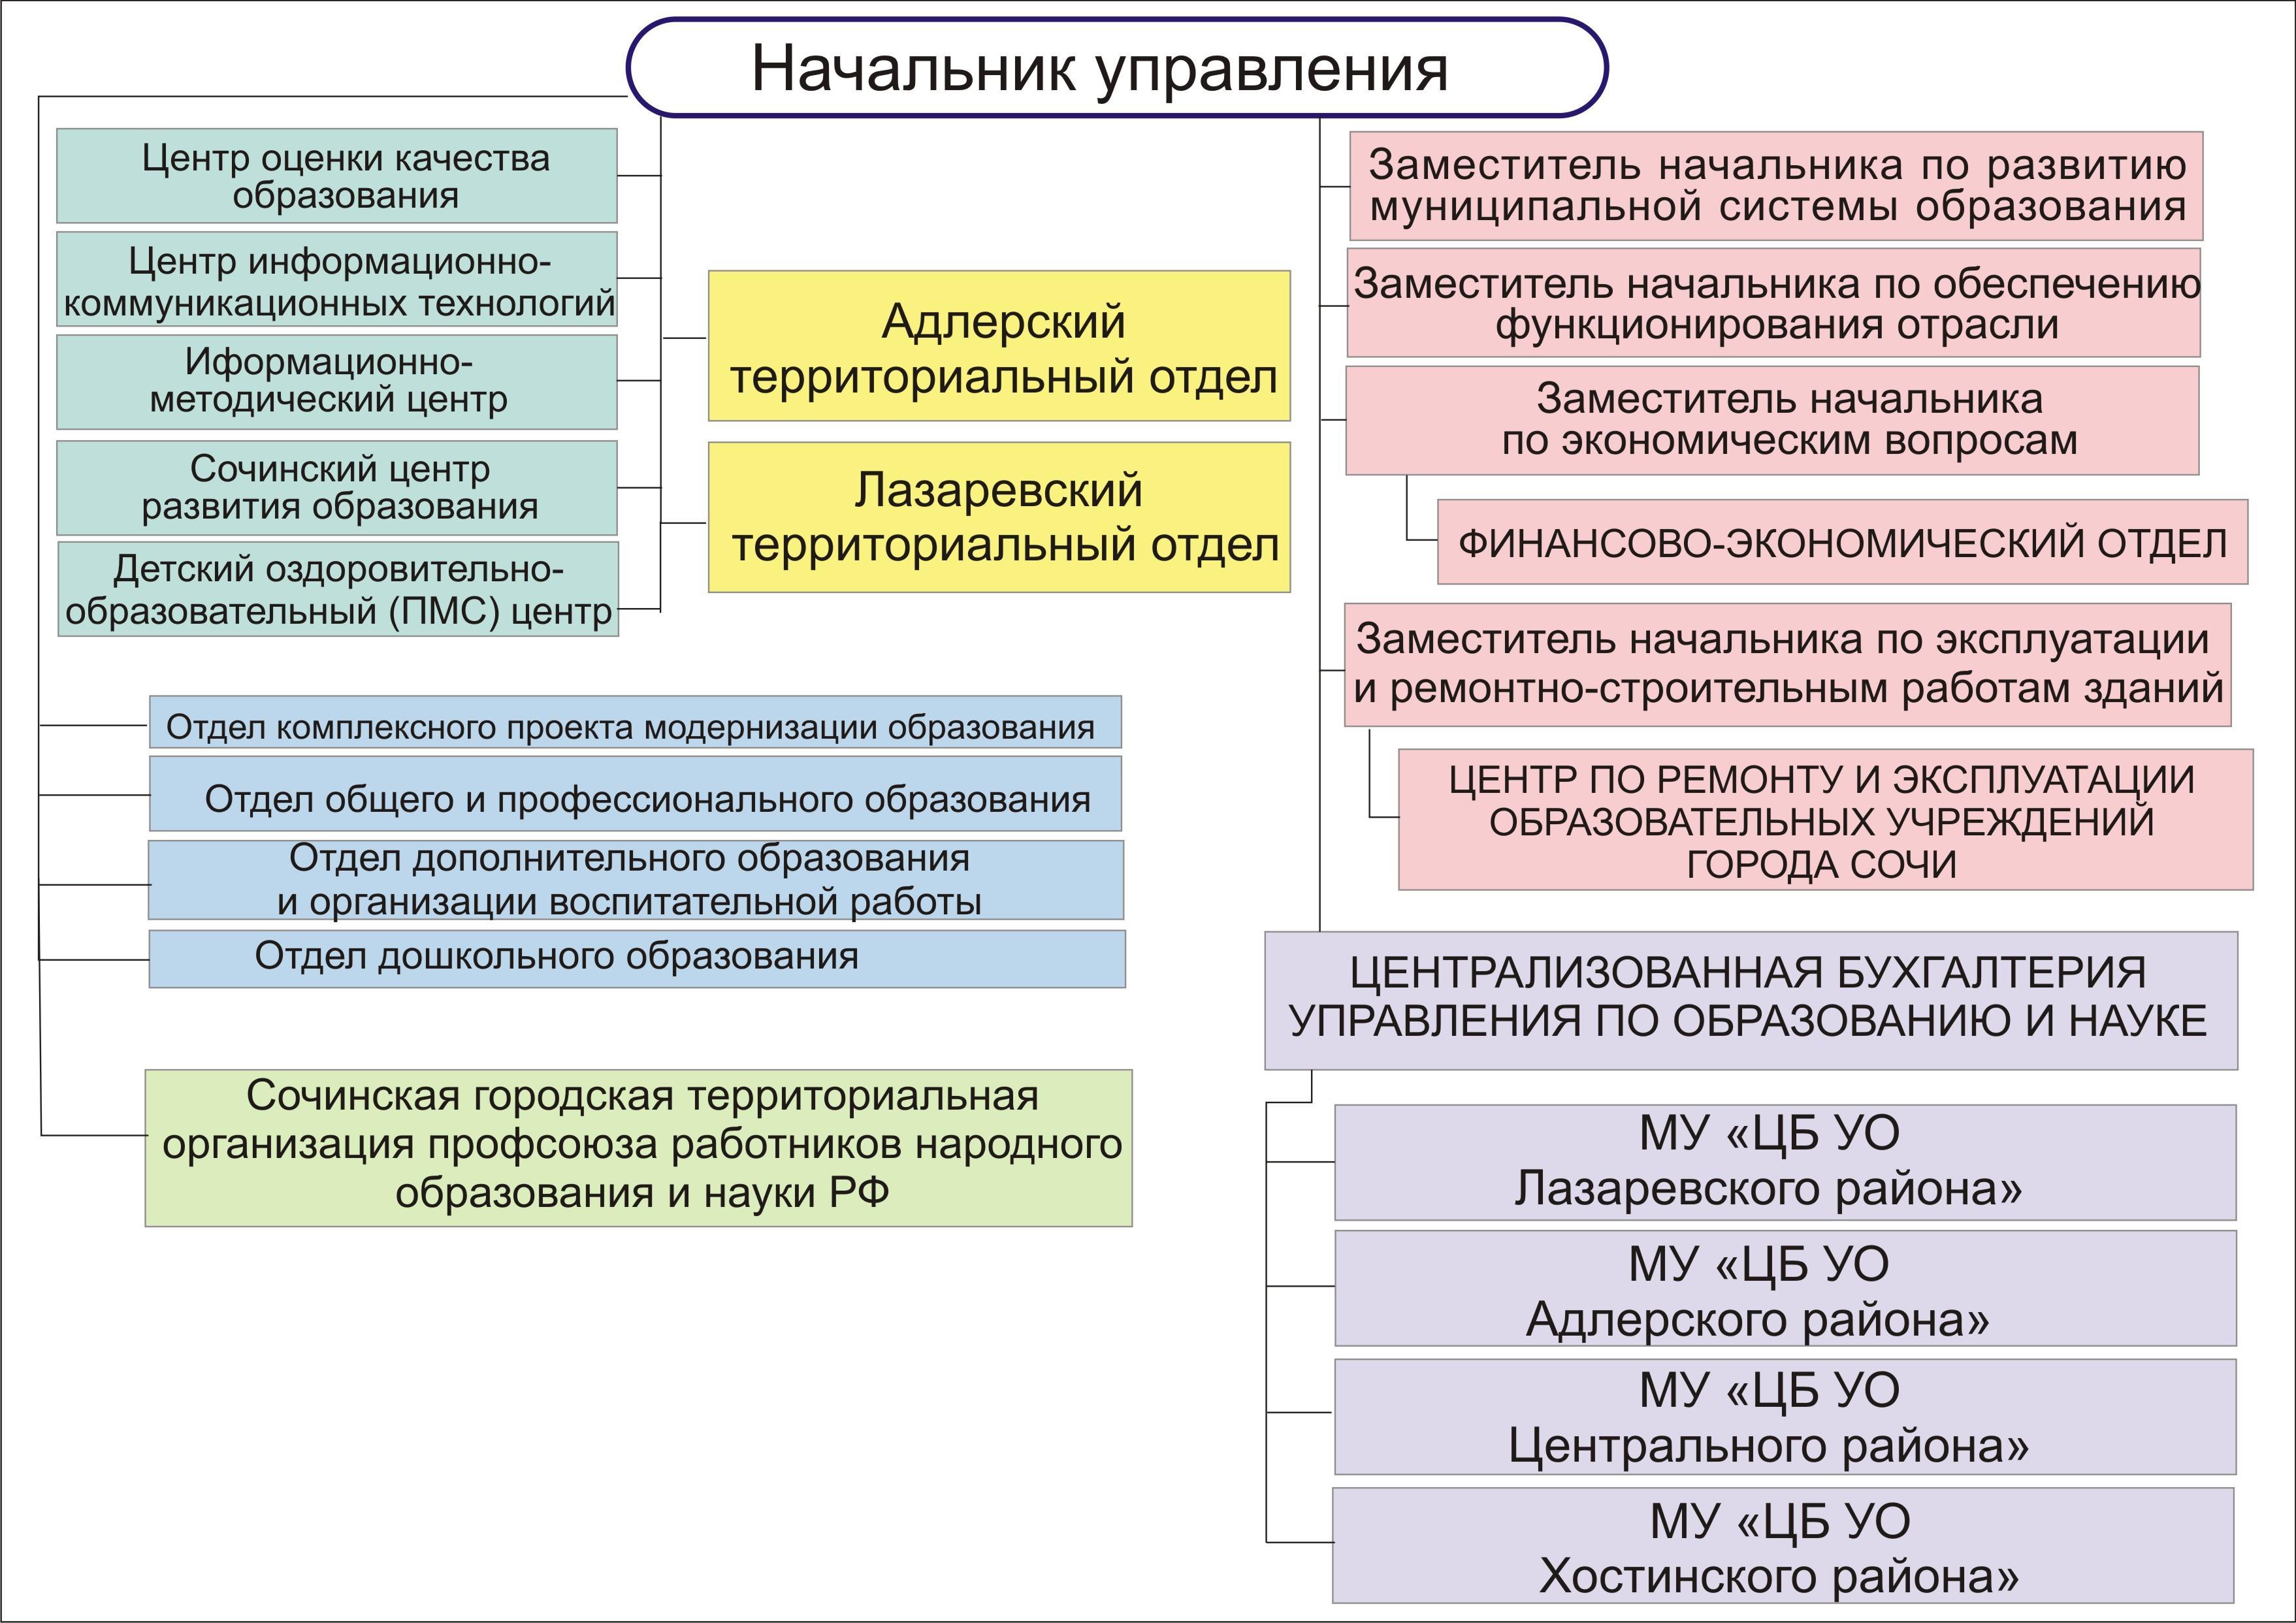 Схема управления в образовании фото 593